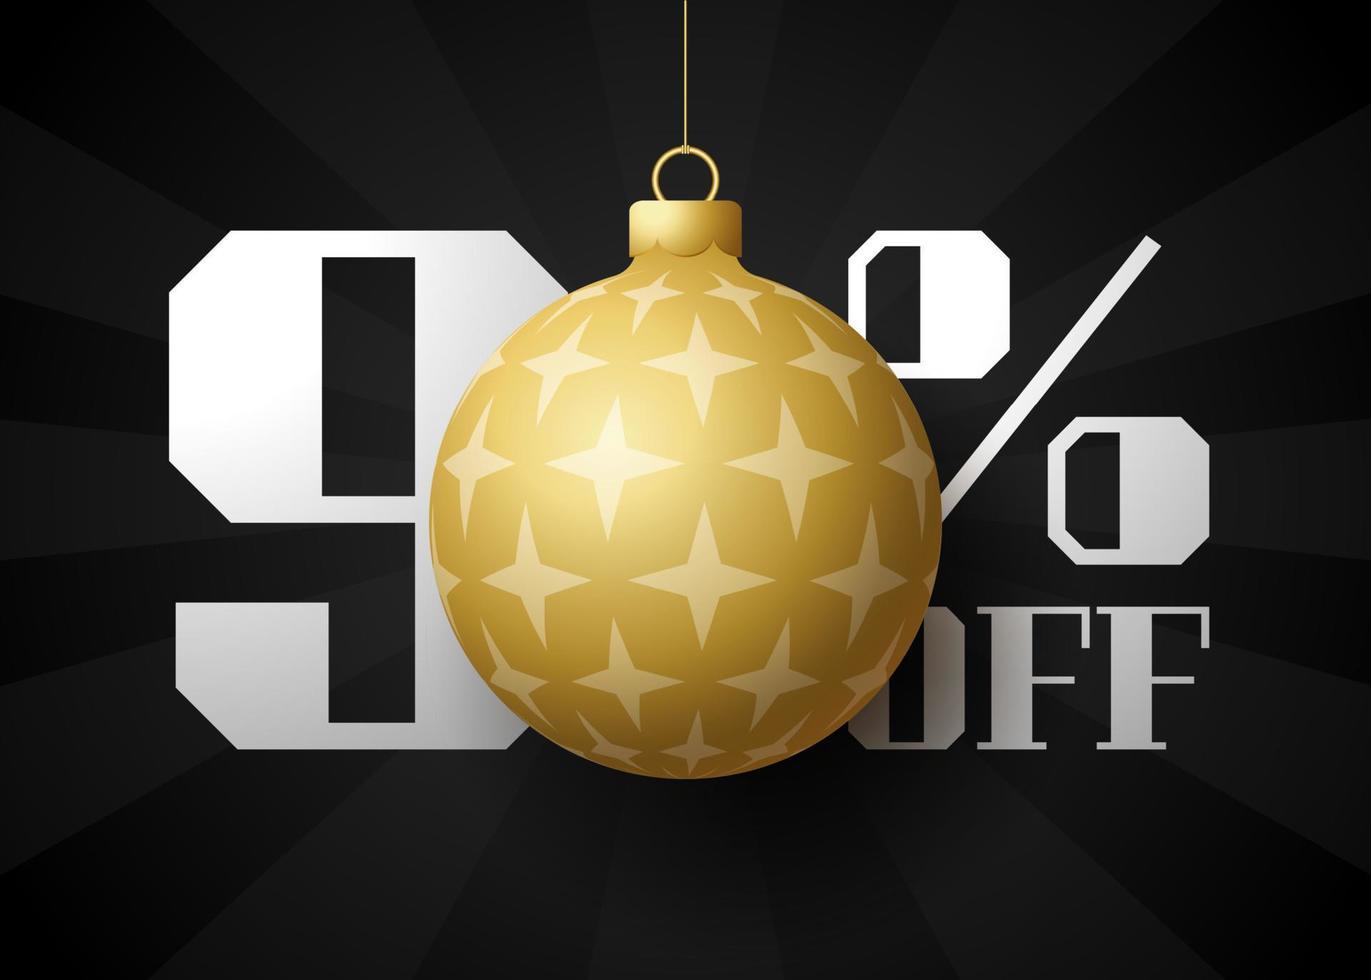 banner de grande venda de feliz Natal. venda de natal de luxo com 90% de desconto no modelo de banner real preto com bola dourada decorada pendurada em um fio. feliz ano novo e ilustração vetorial de natal vetor